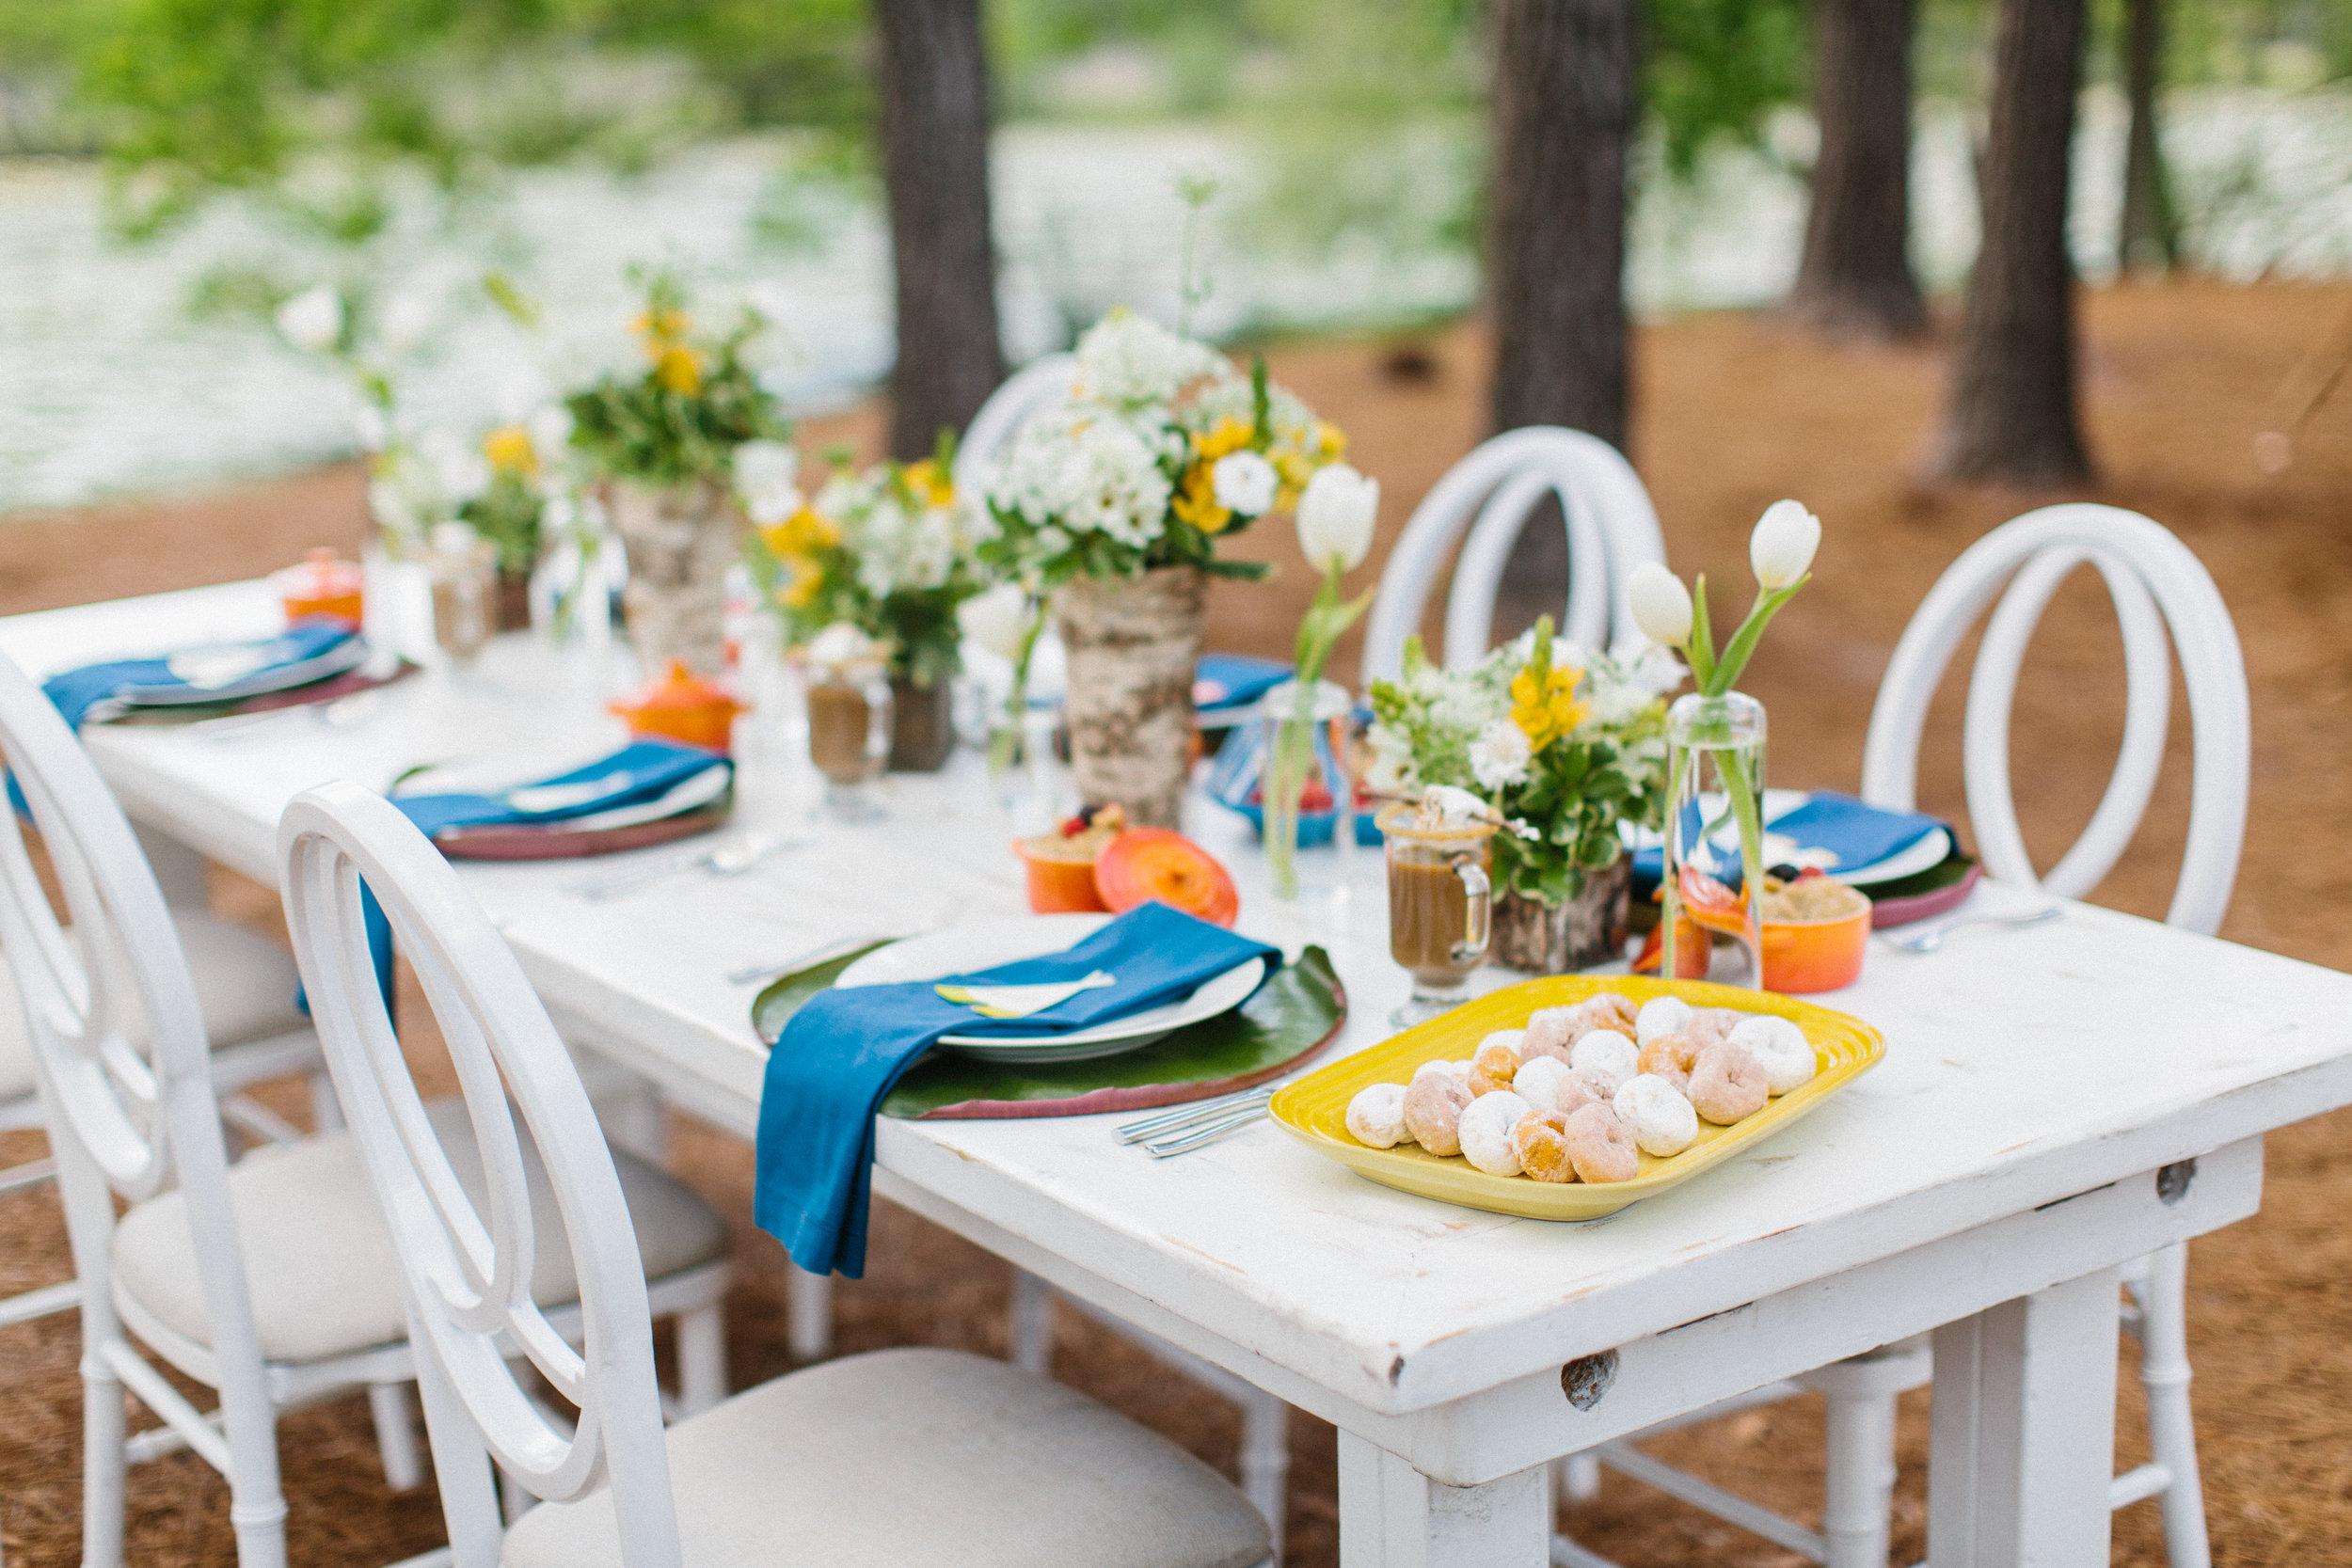 Summer Camp Wedding-inspiration at Lake House at Bulow